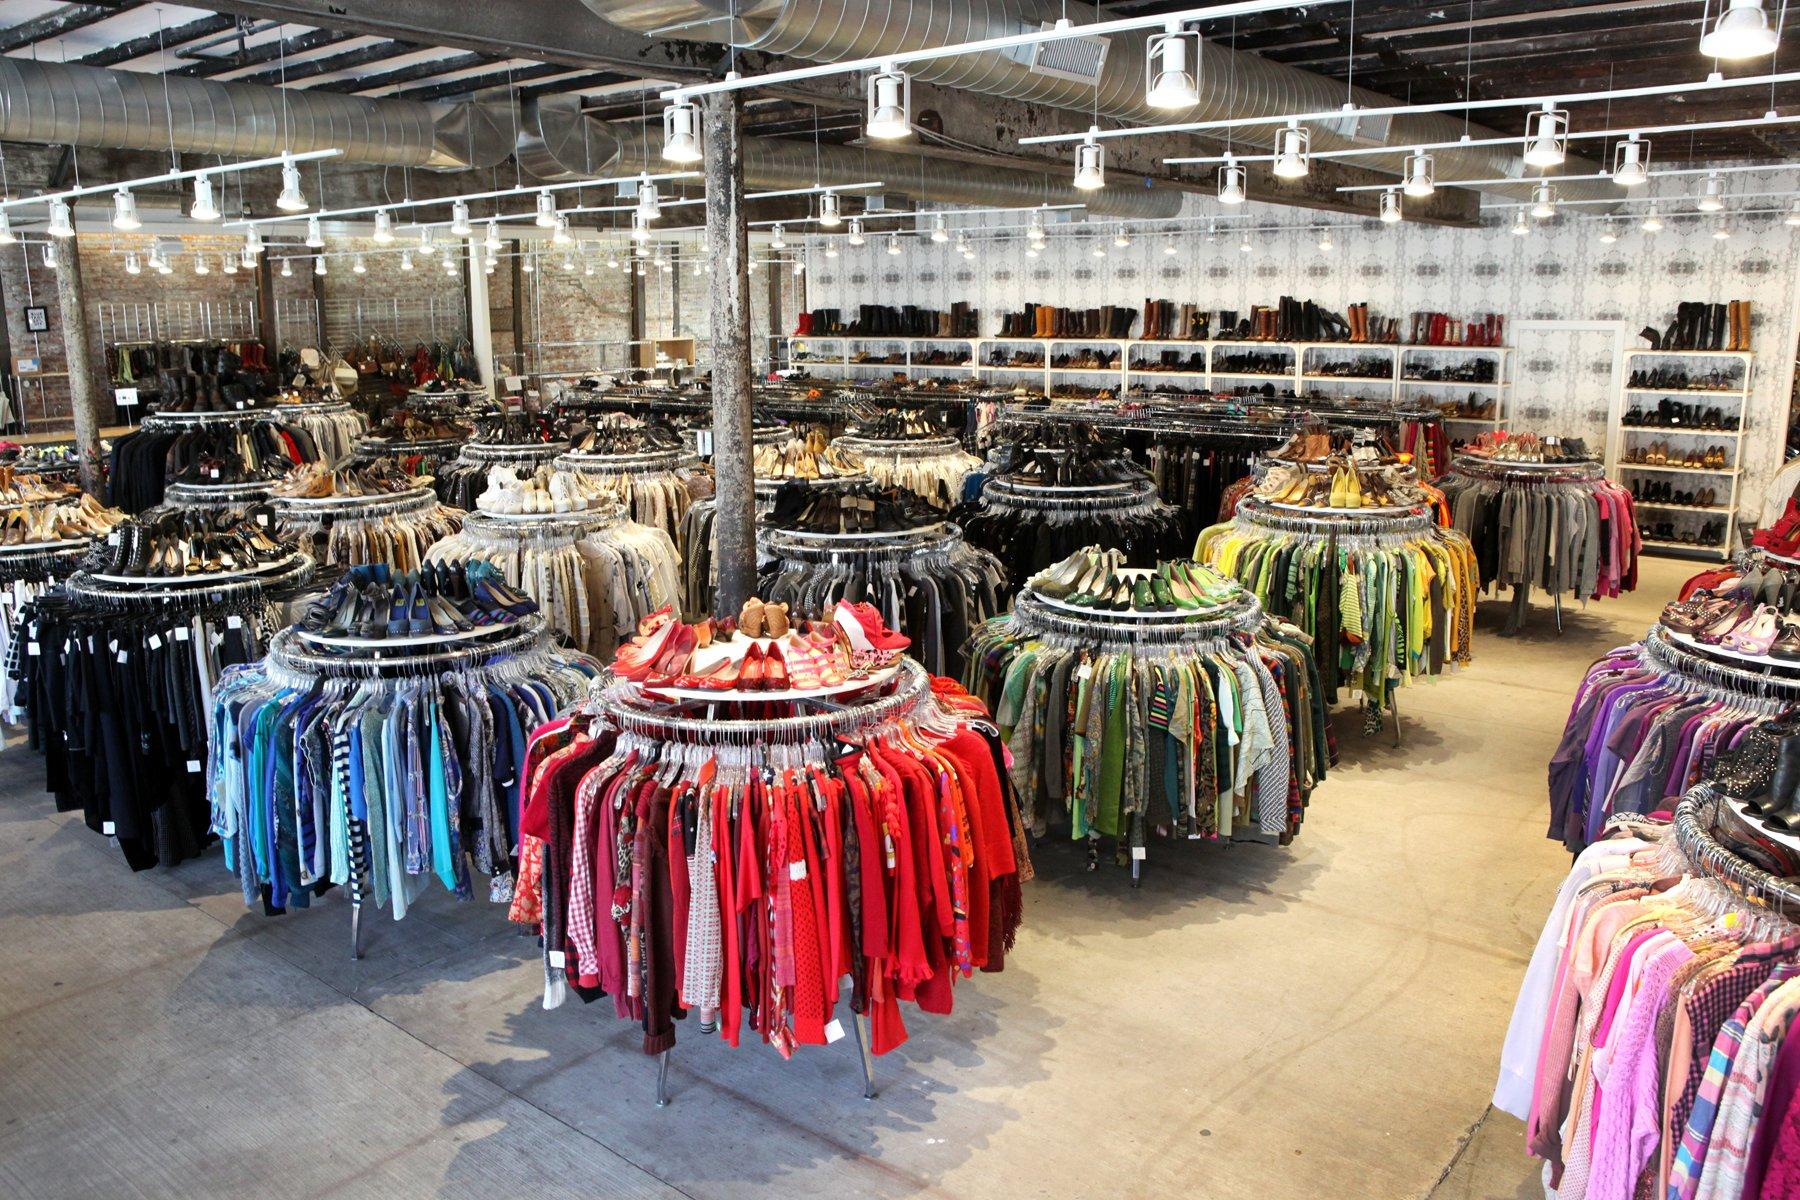 magasin-beacons-closet-new-york